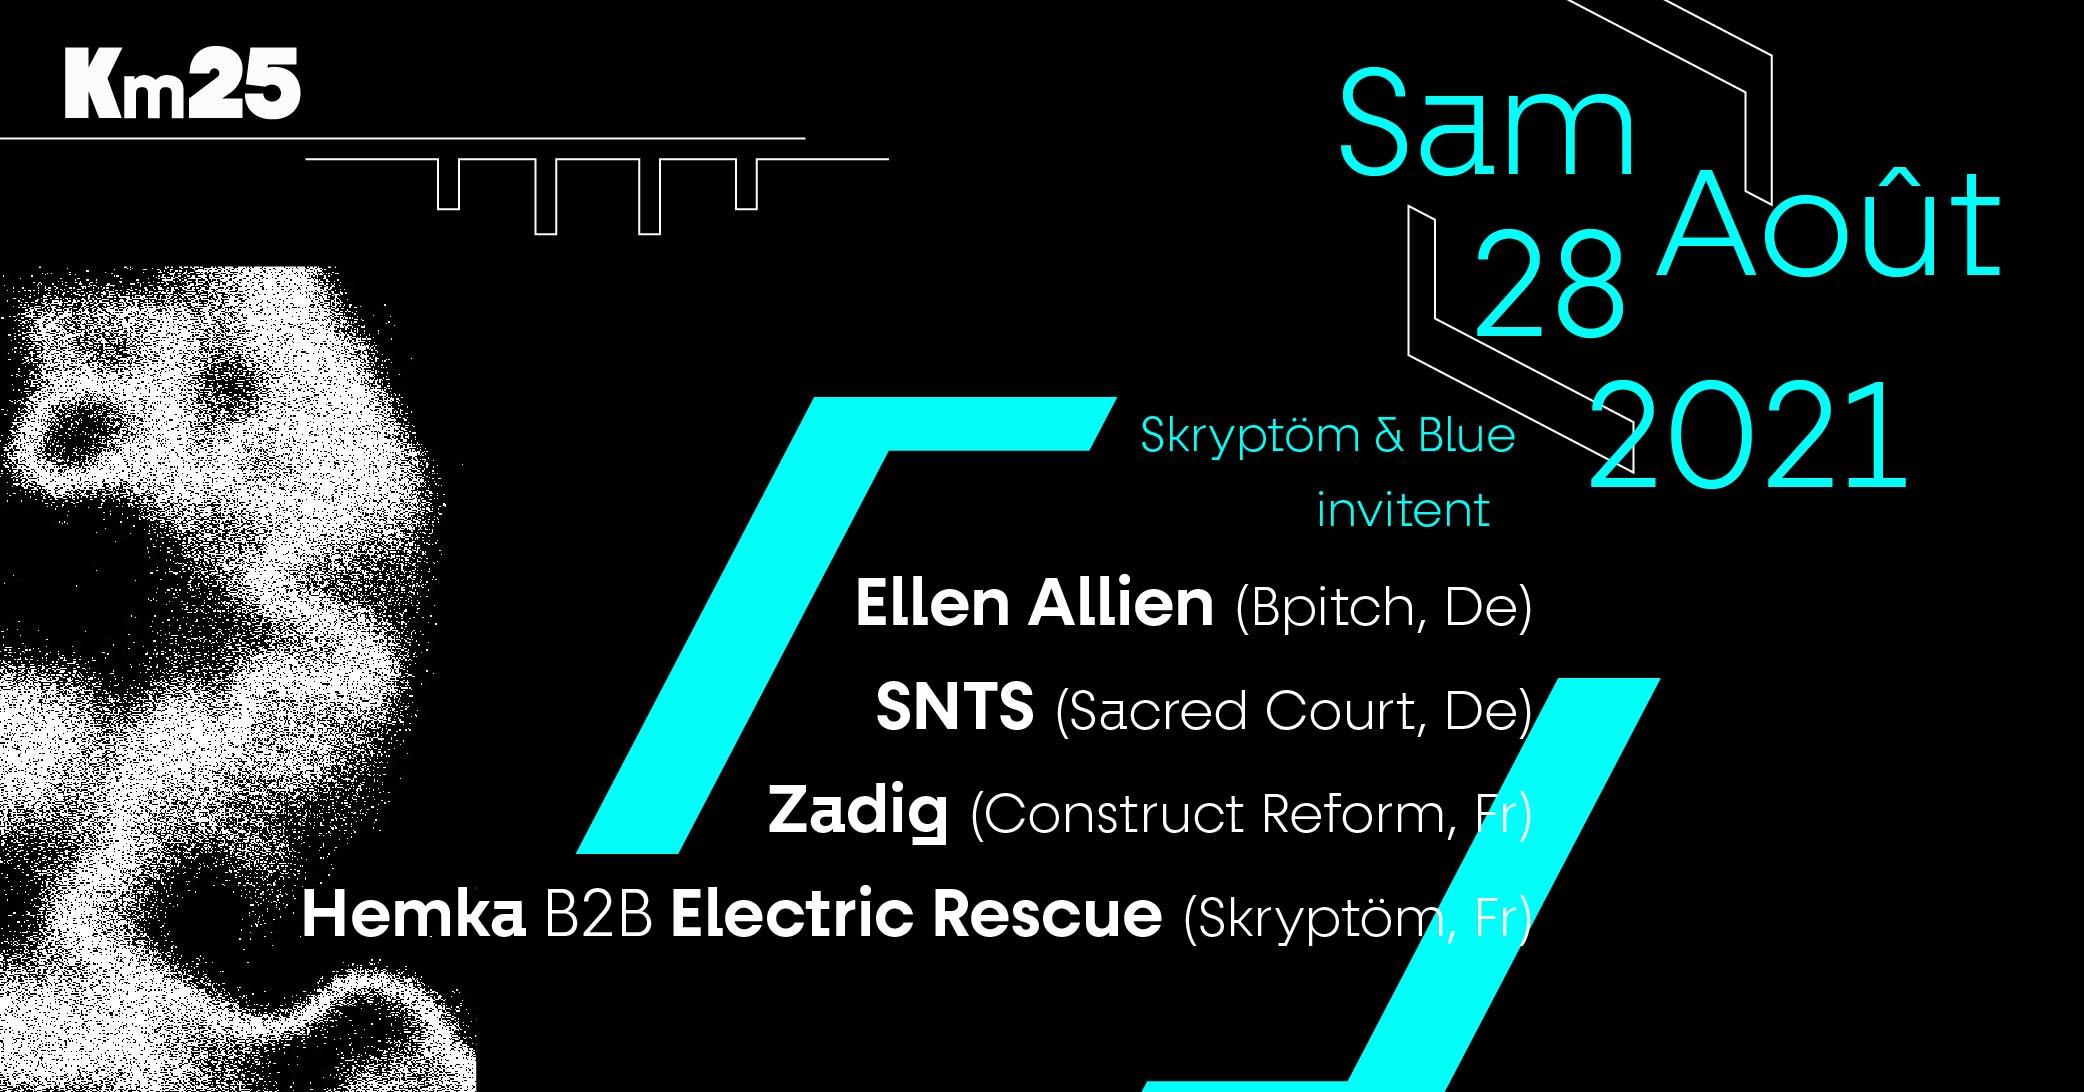 Skryptöm invite Blue Origin: Ellen Alien, SNTS, Zadig, Hemka